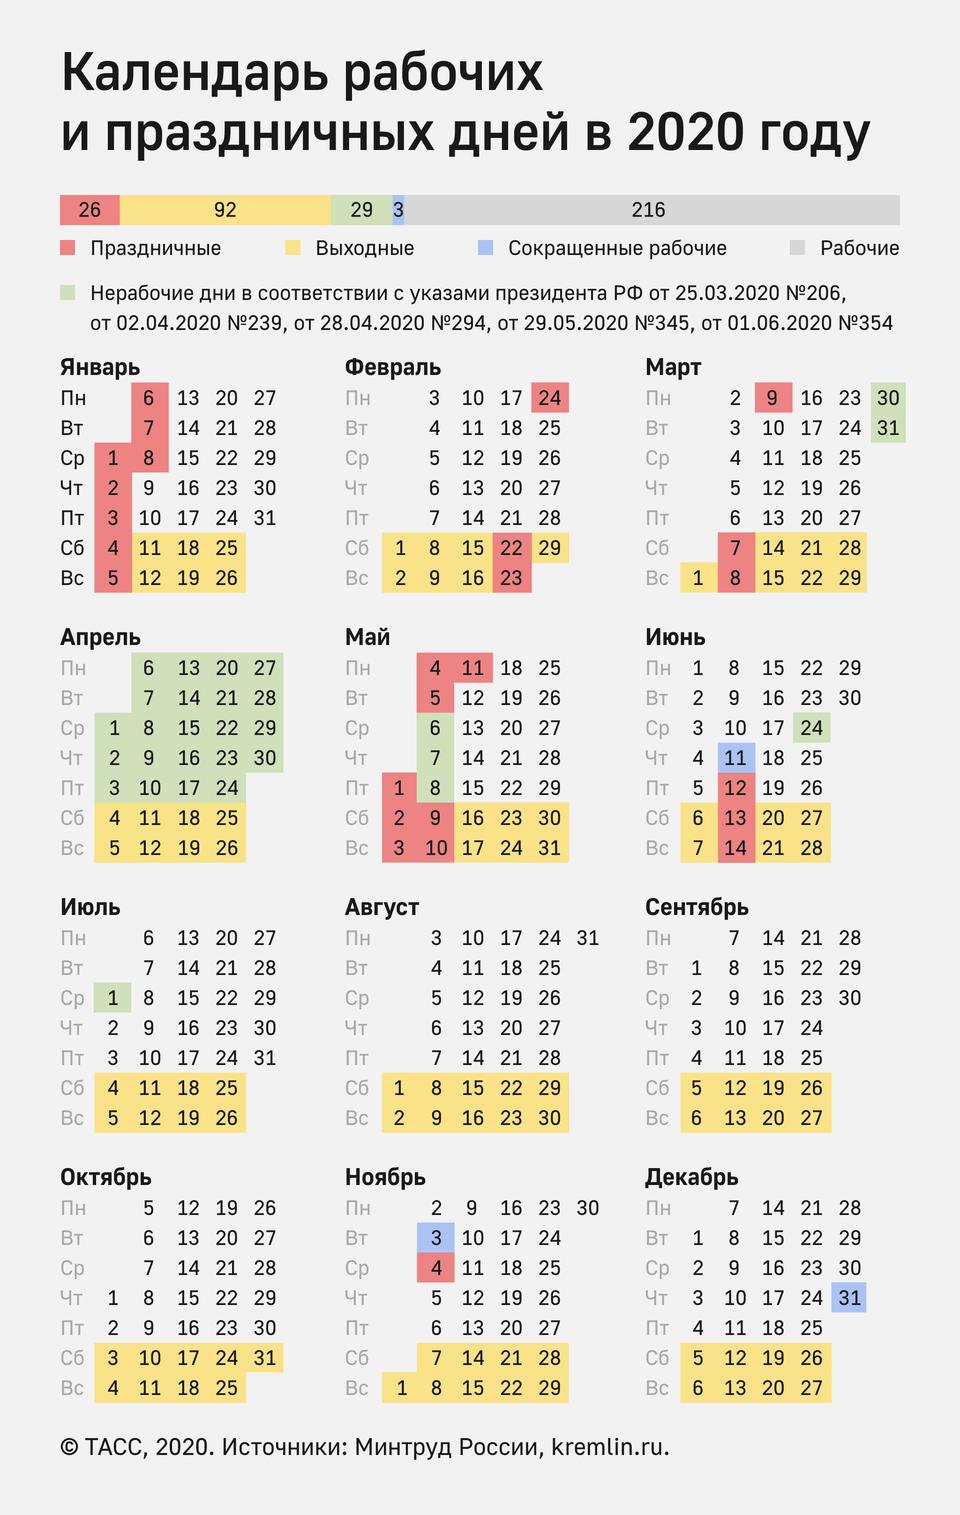 Календарный месяц это какой период